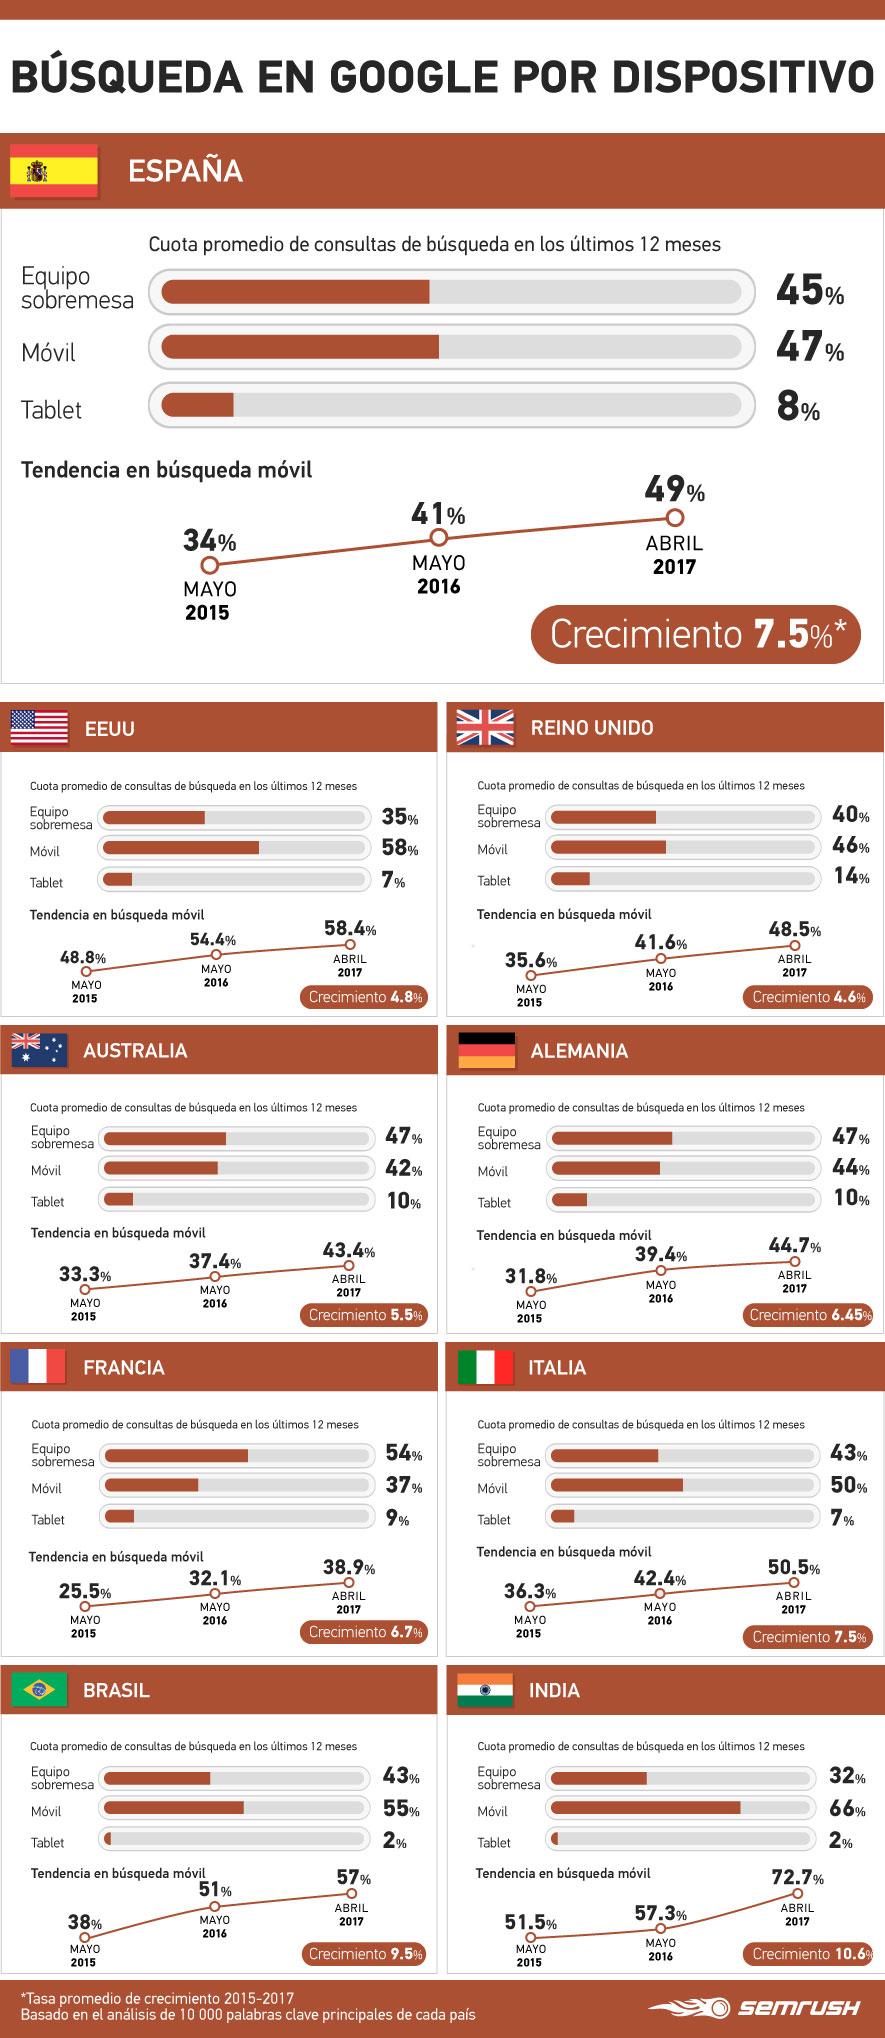 Búsqueda en Google por dispositivo #infografia #infographic